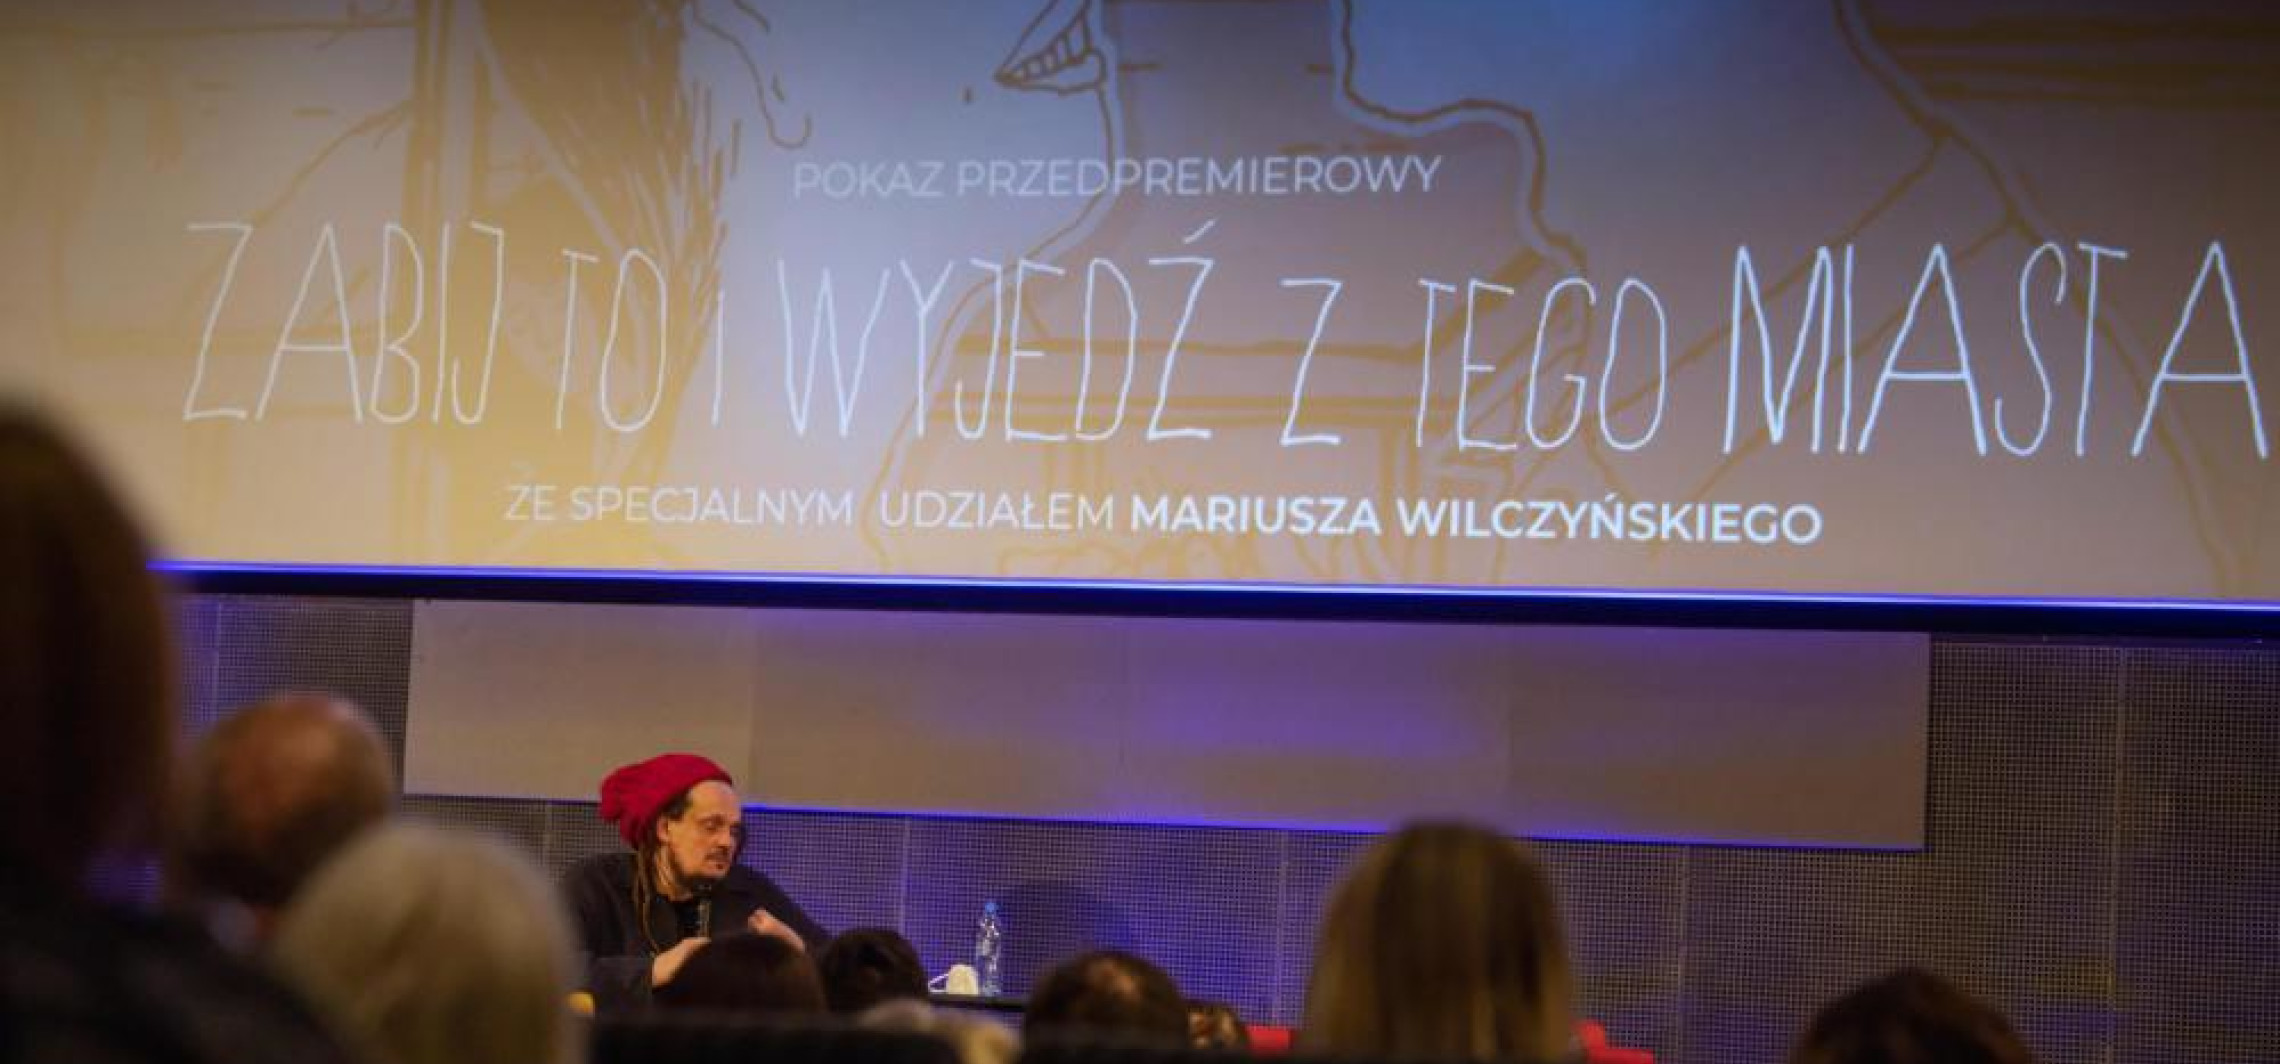 """Orły 2021: """"Zabij to i wyjedź z tego miasta"""" Mariusza Wilczyńskiego najlepszym filmem"""